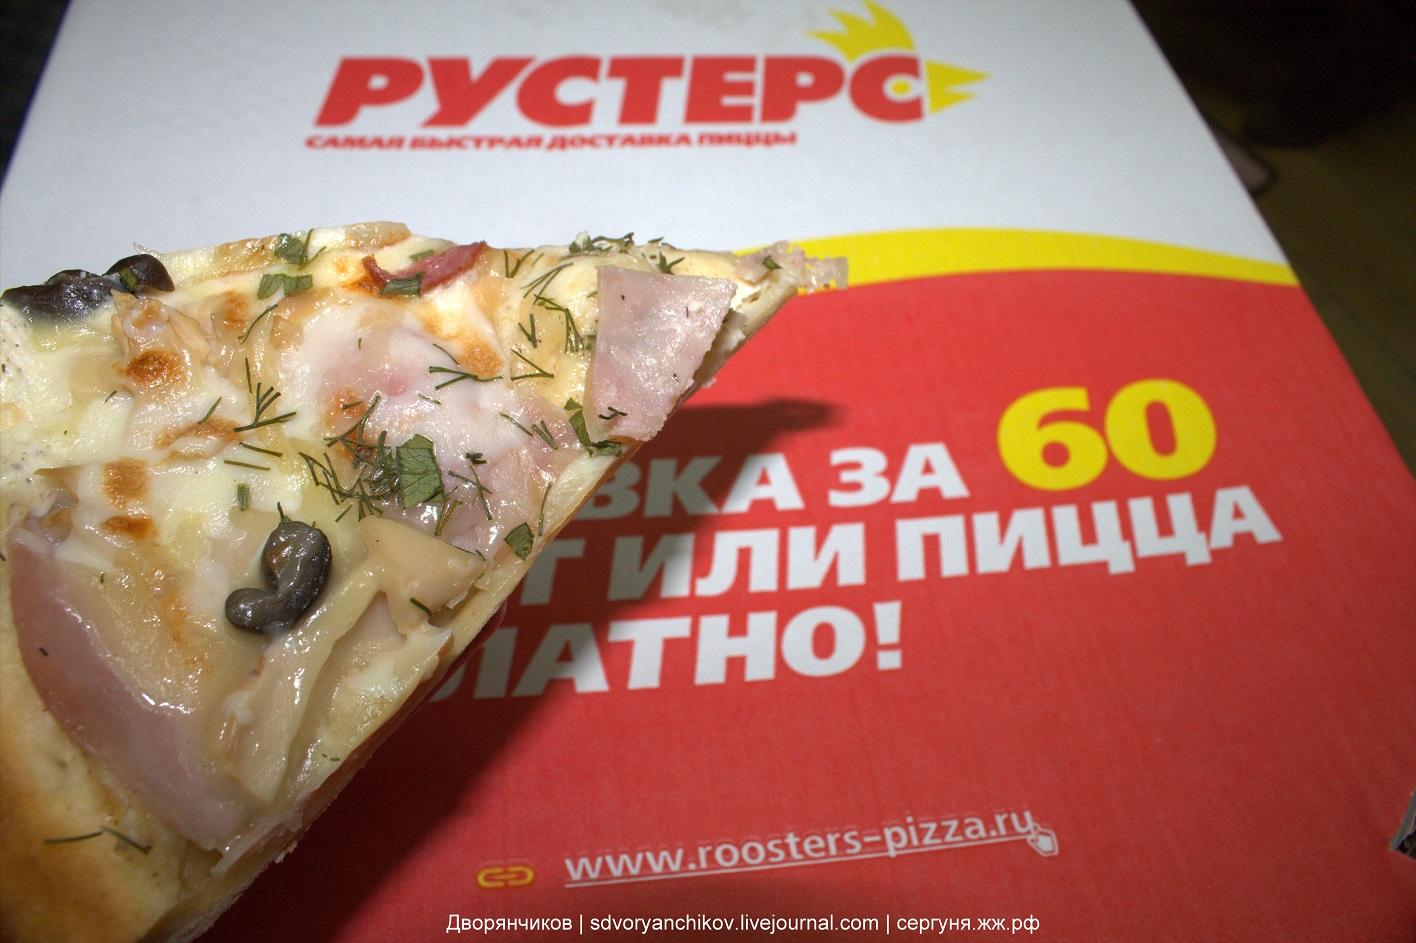 Парк Дубровский - партнёр Рустерс - 26 ноября 2016